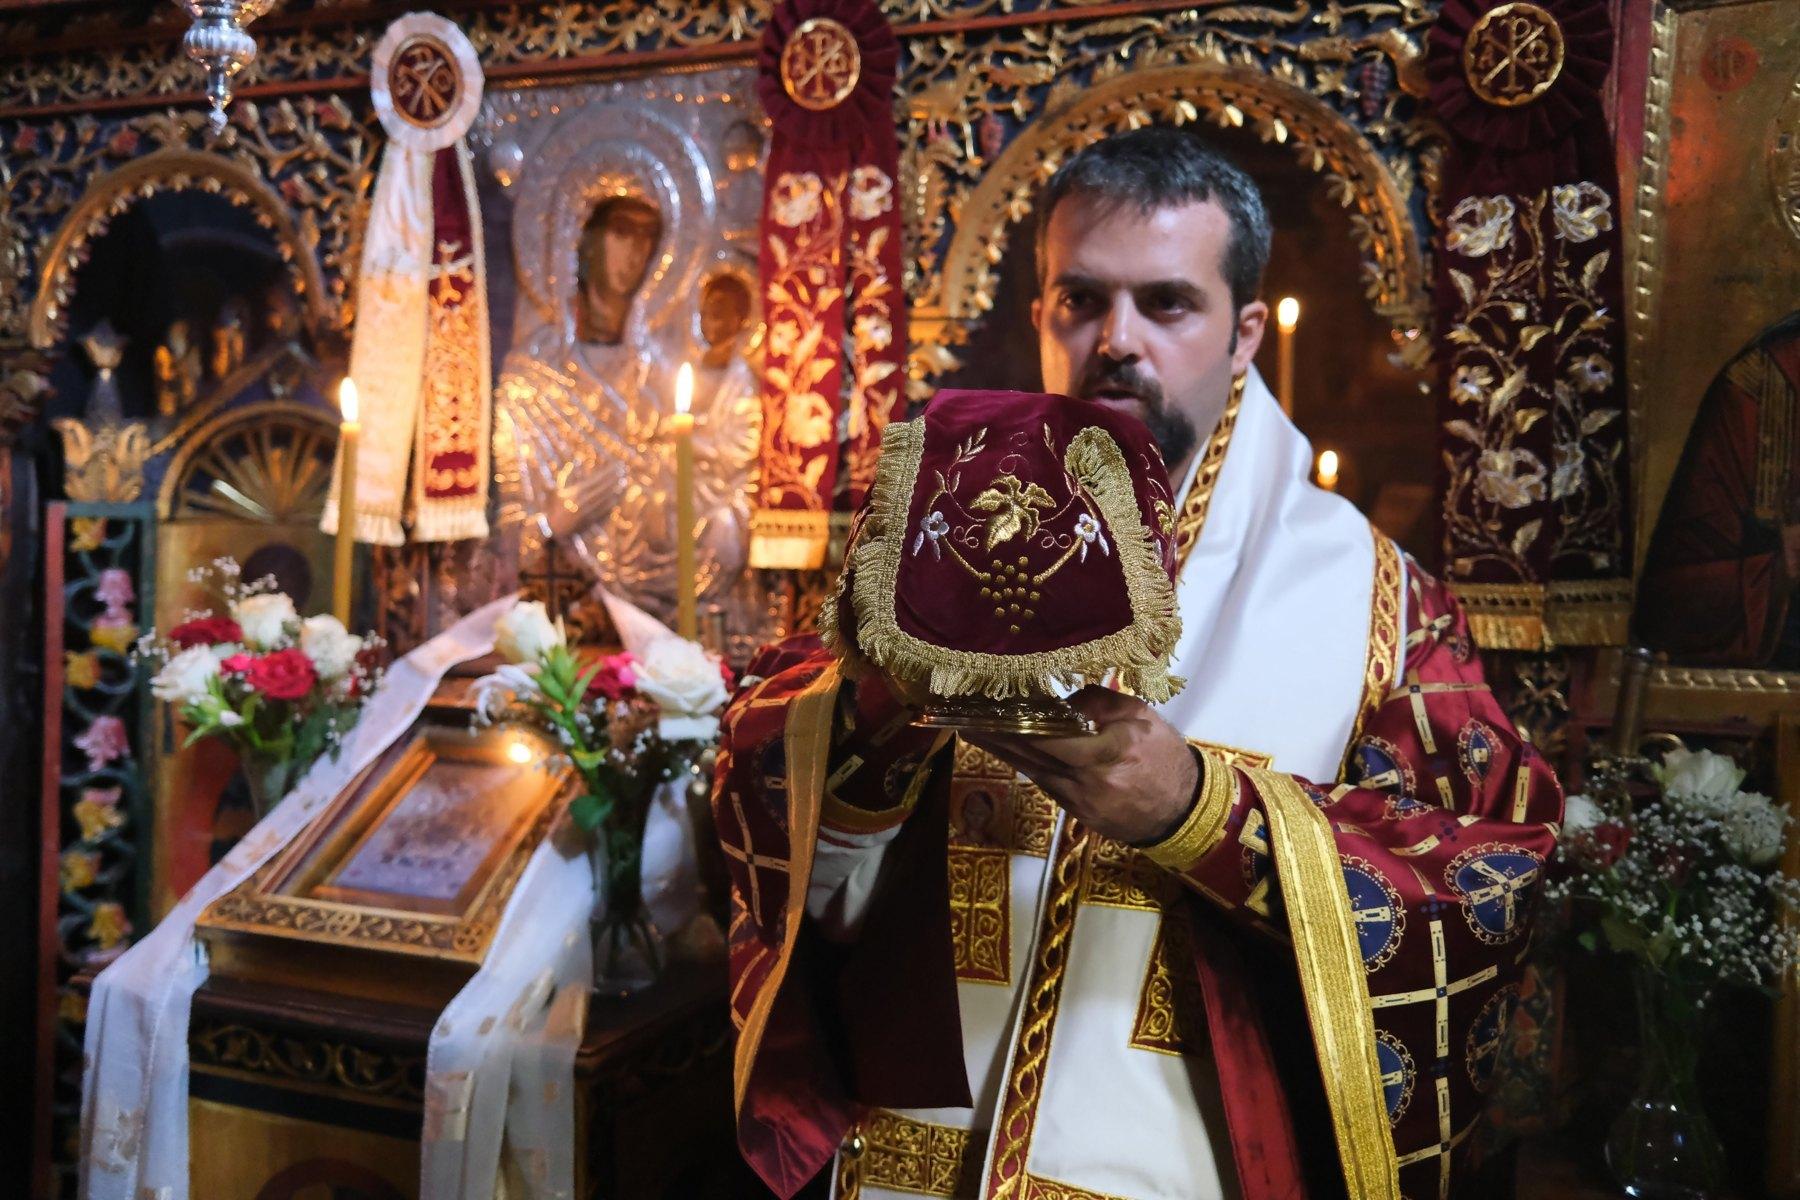 DSCF7848  - Ο Επίσκοπος Μελιτηνής στην Ι. Μονή Παναγίας Πελεκητής